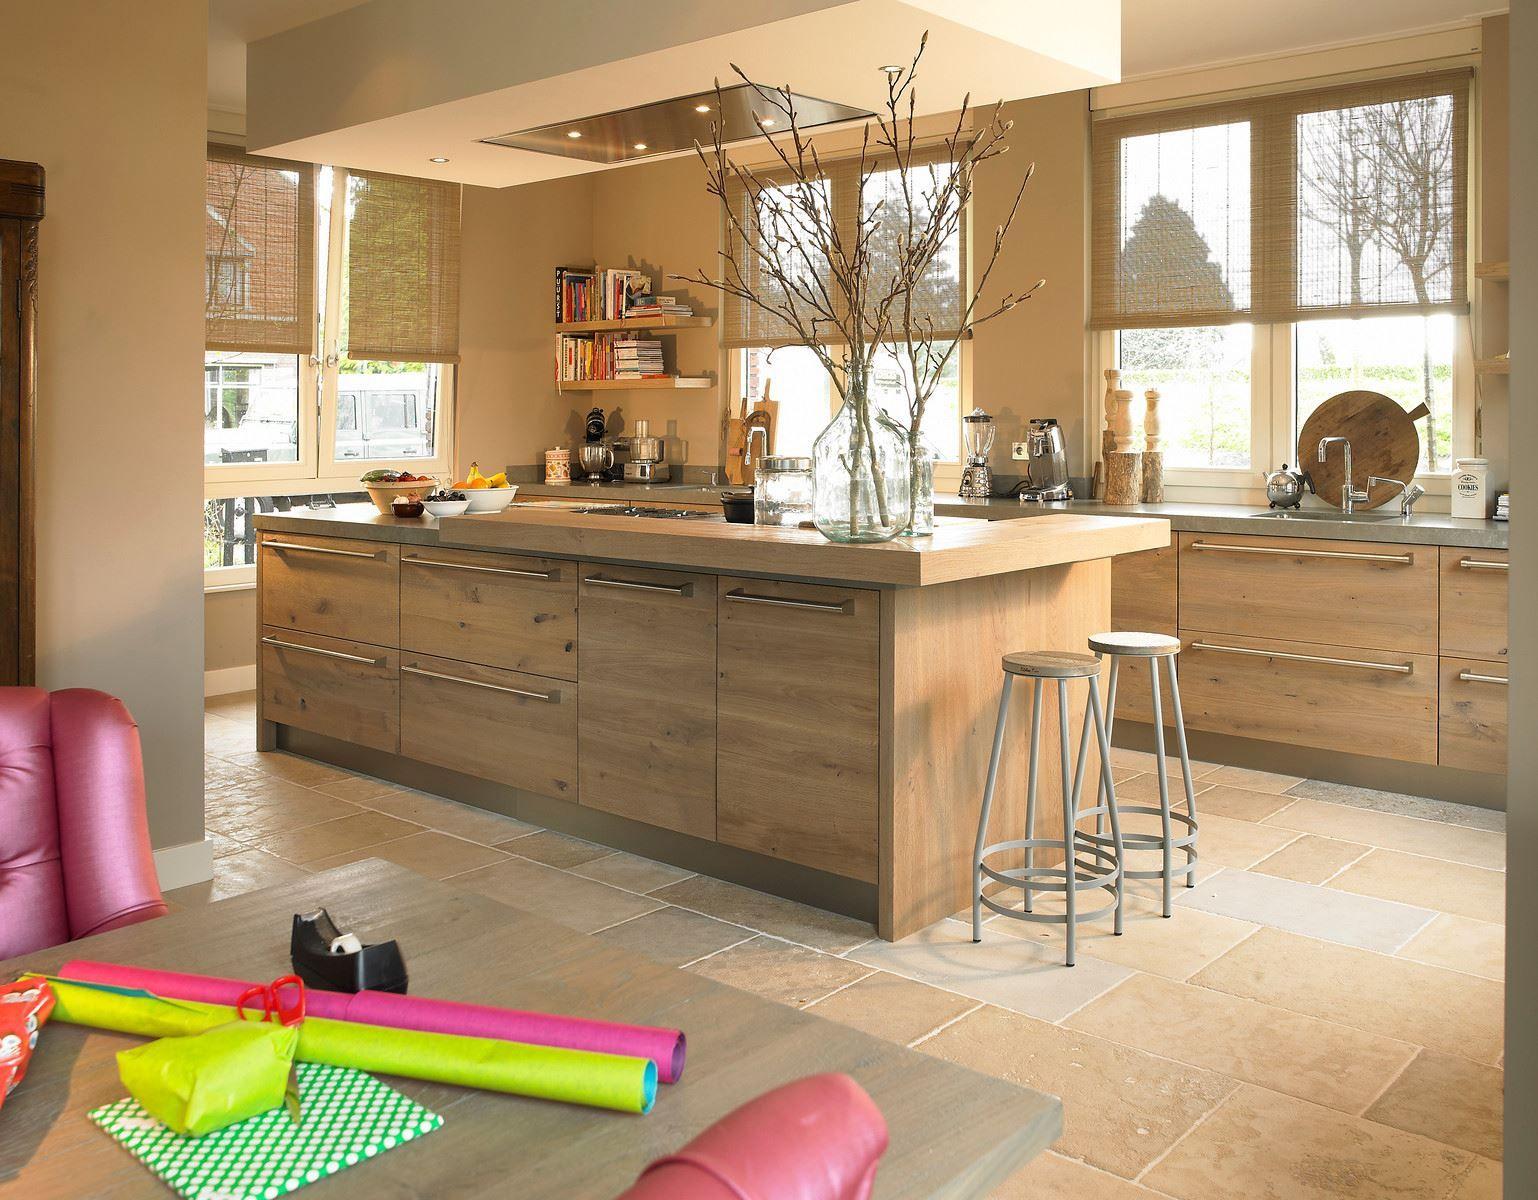 Uw Keuken Nl : Tieleman houten woonkeuken model welsh product in beeld